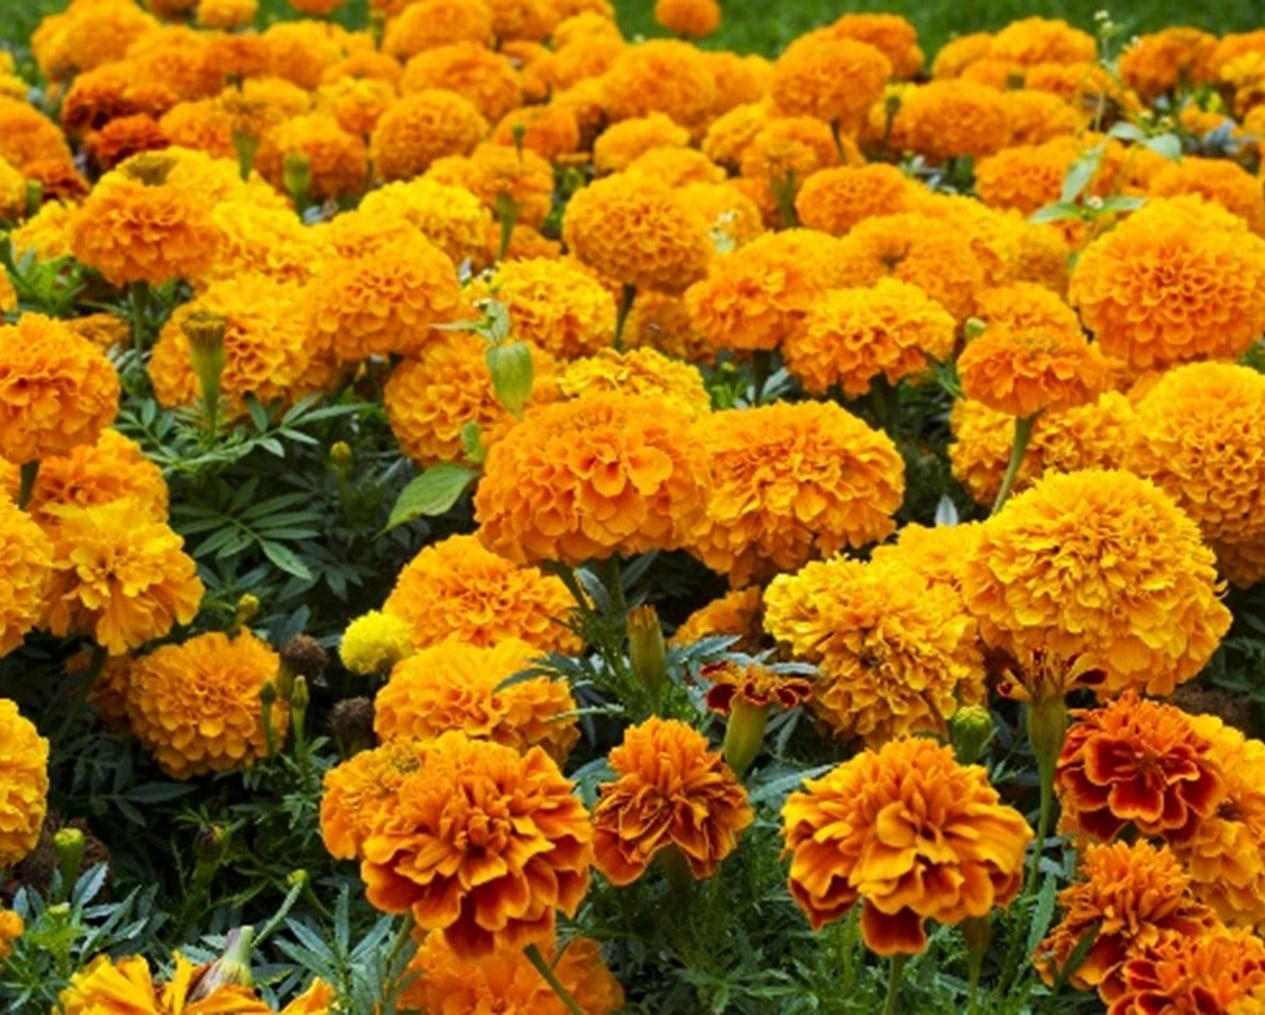 Marigold Plants to Repel Fleas